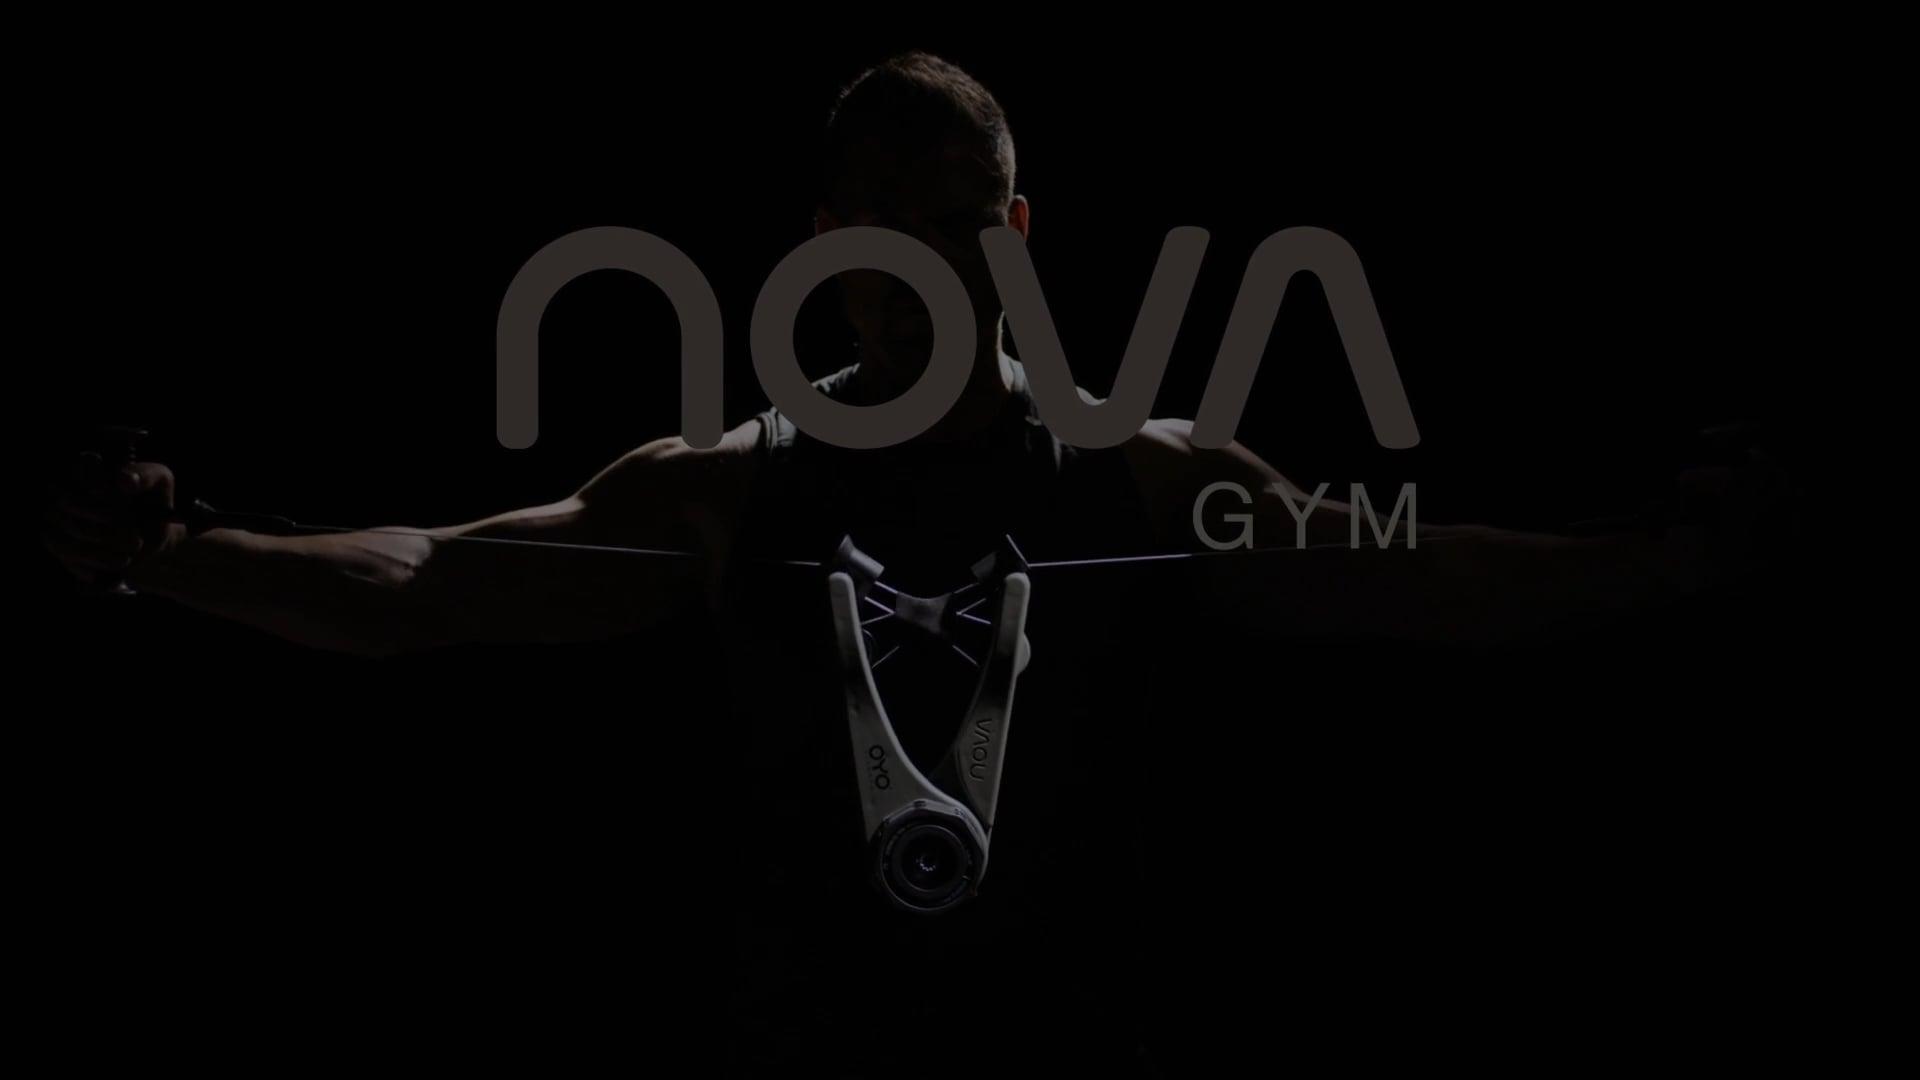 OYO NOVA Gym Top Ten Exercises